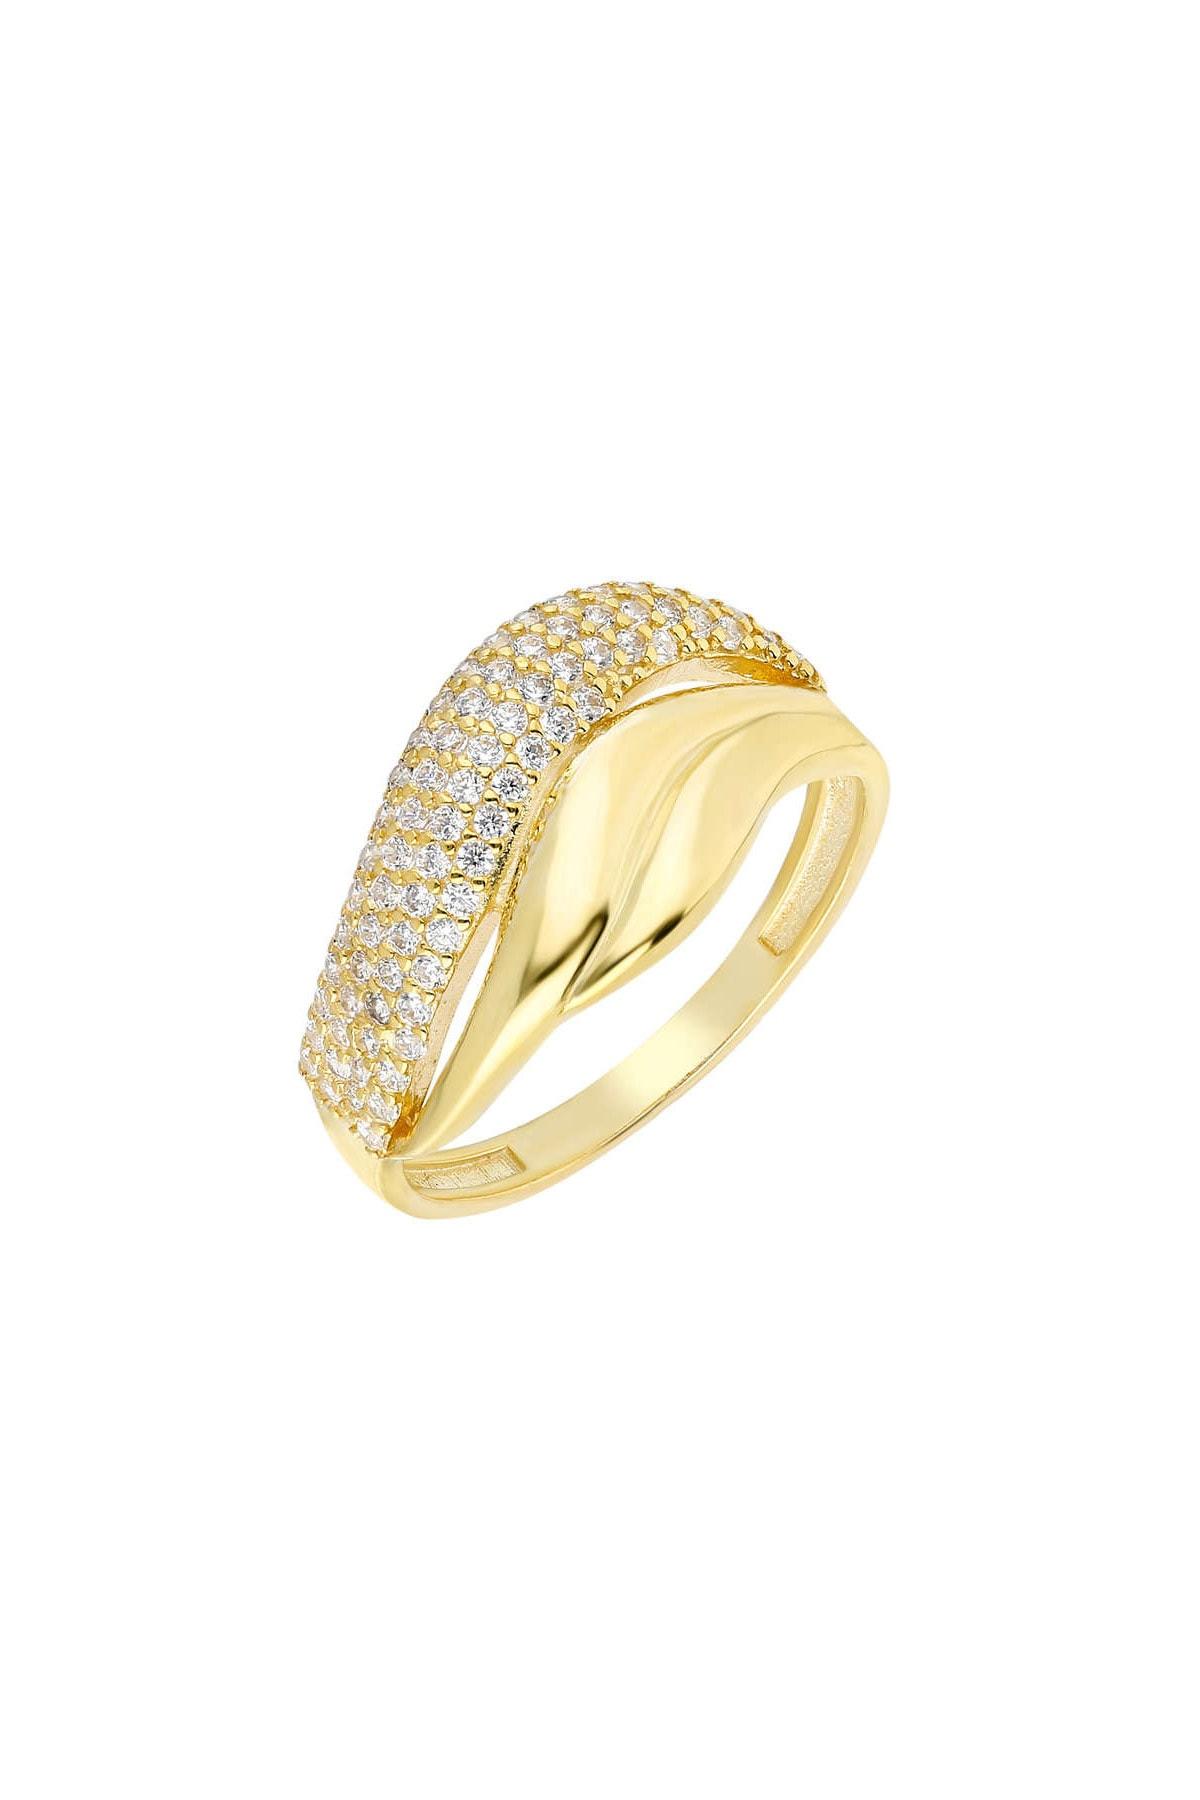 Tesbihane Zirkon Taşlı Wave Tasarım Gold Renk 925 Ayar Gümüş Bayan Yüzük 102001737 2